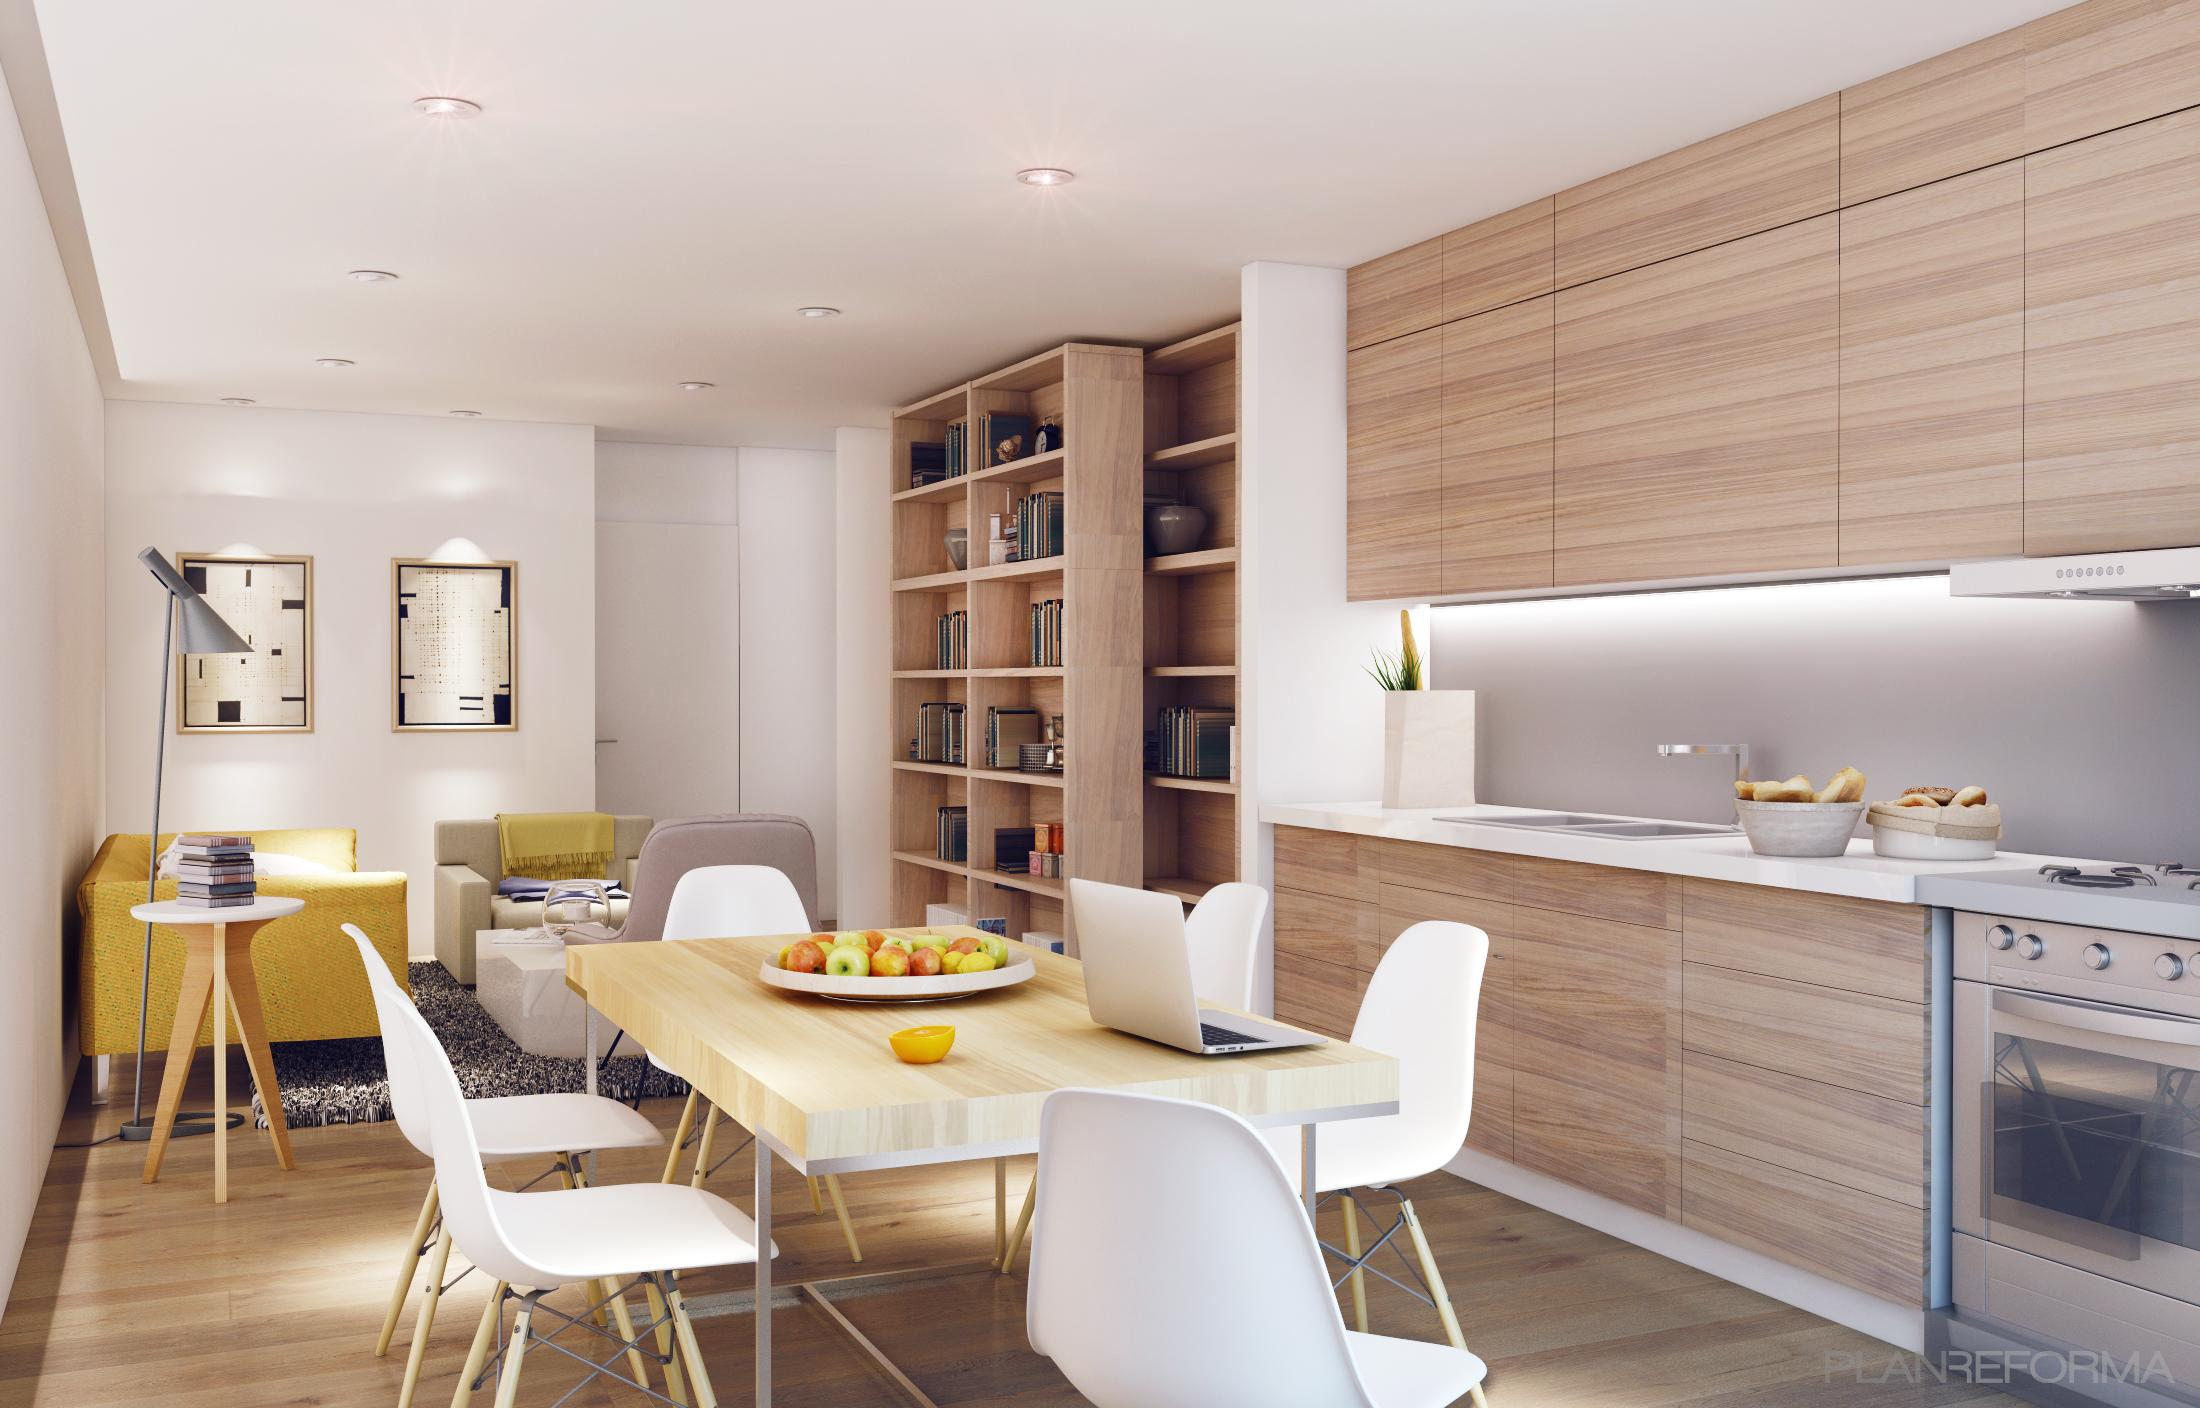 Comedor cocina salon style moderno color amarillo - Cocinas con estilo moderno ...